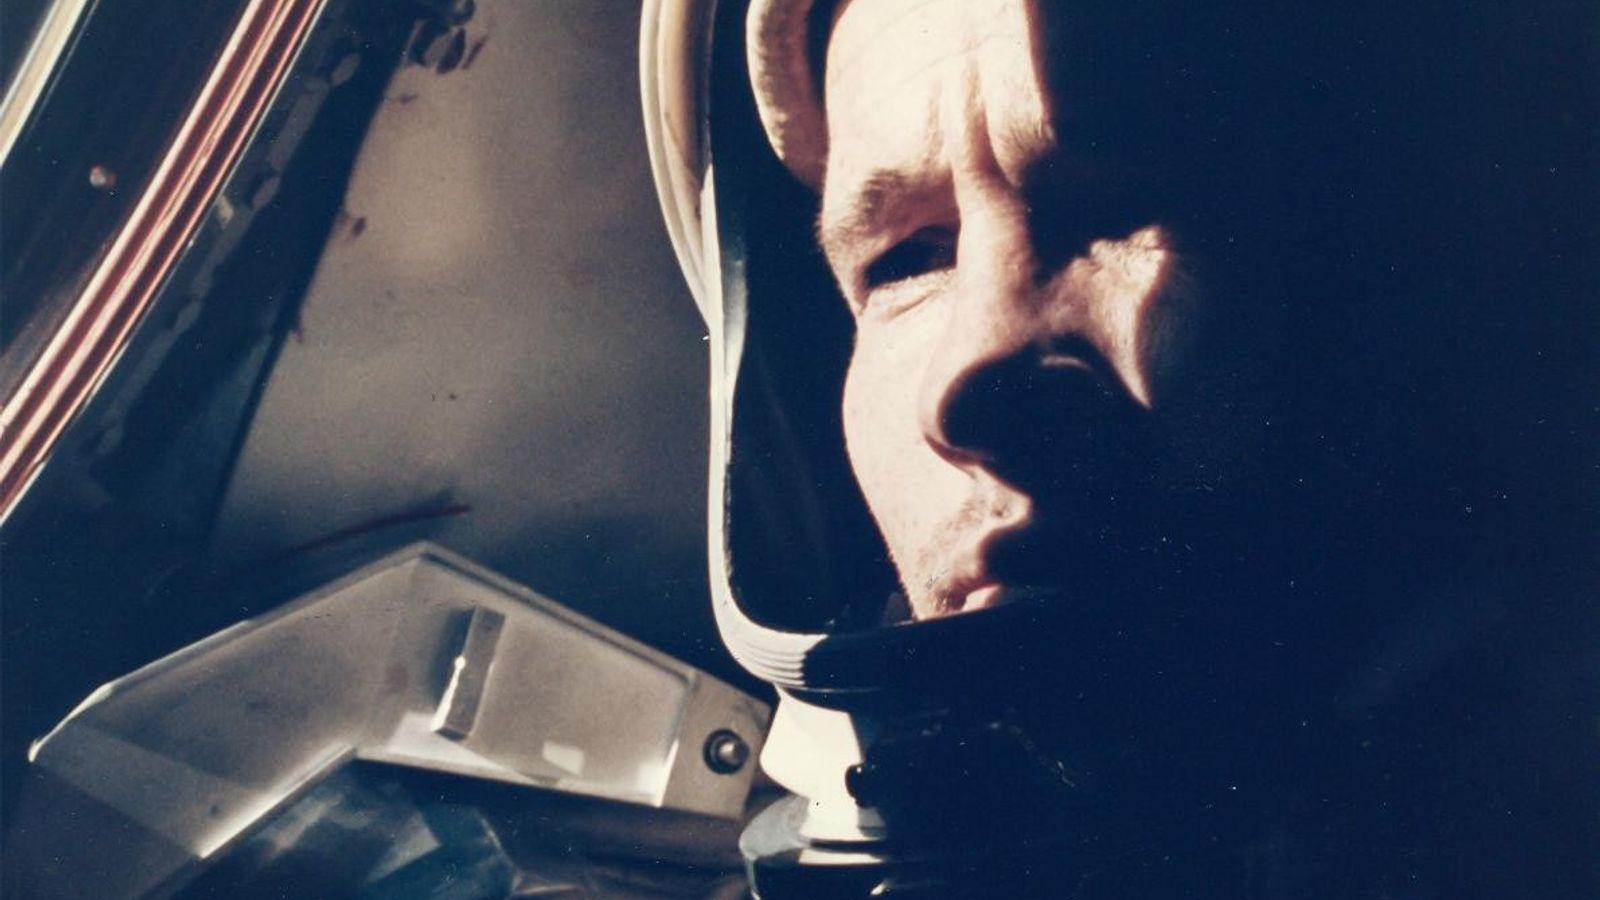 L'astronaute Ed White prend la pose pour le premier portrait en vol de l'histoire, pris en ...